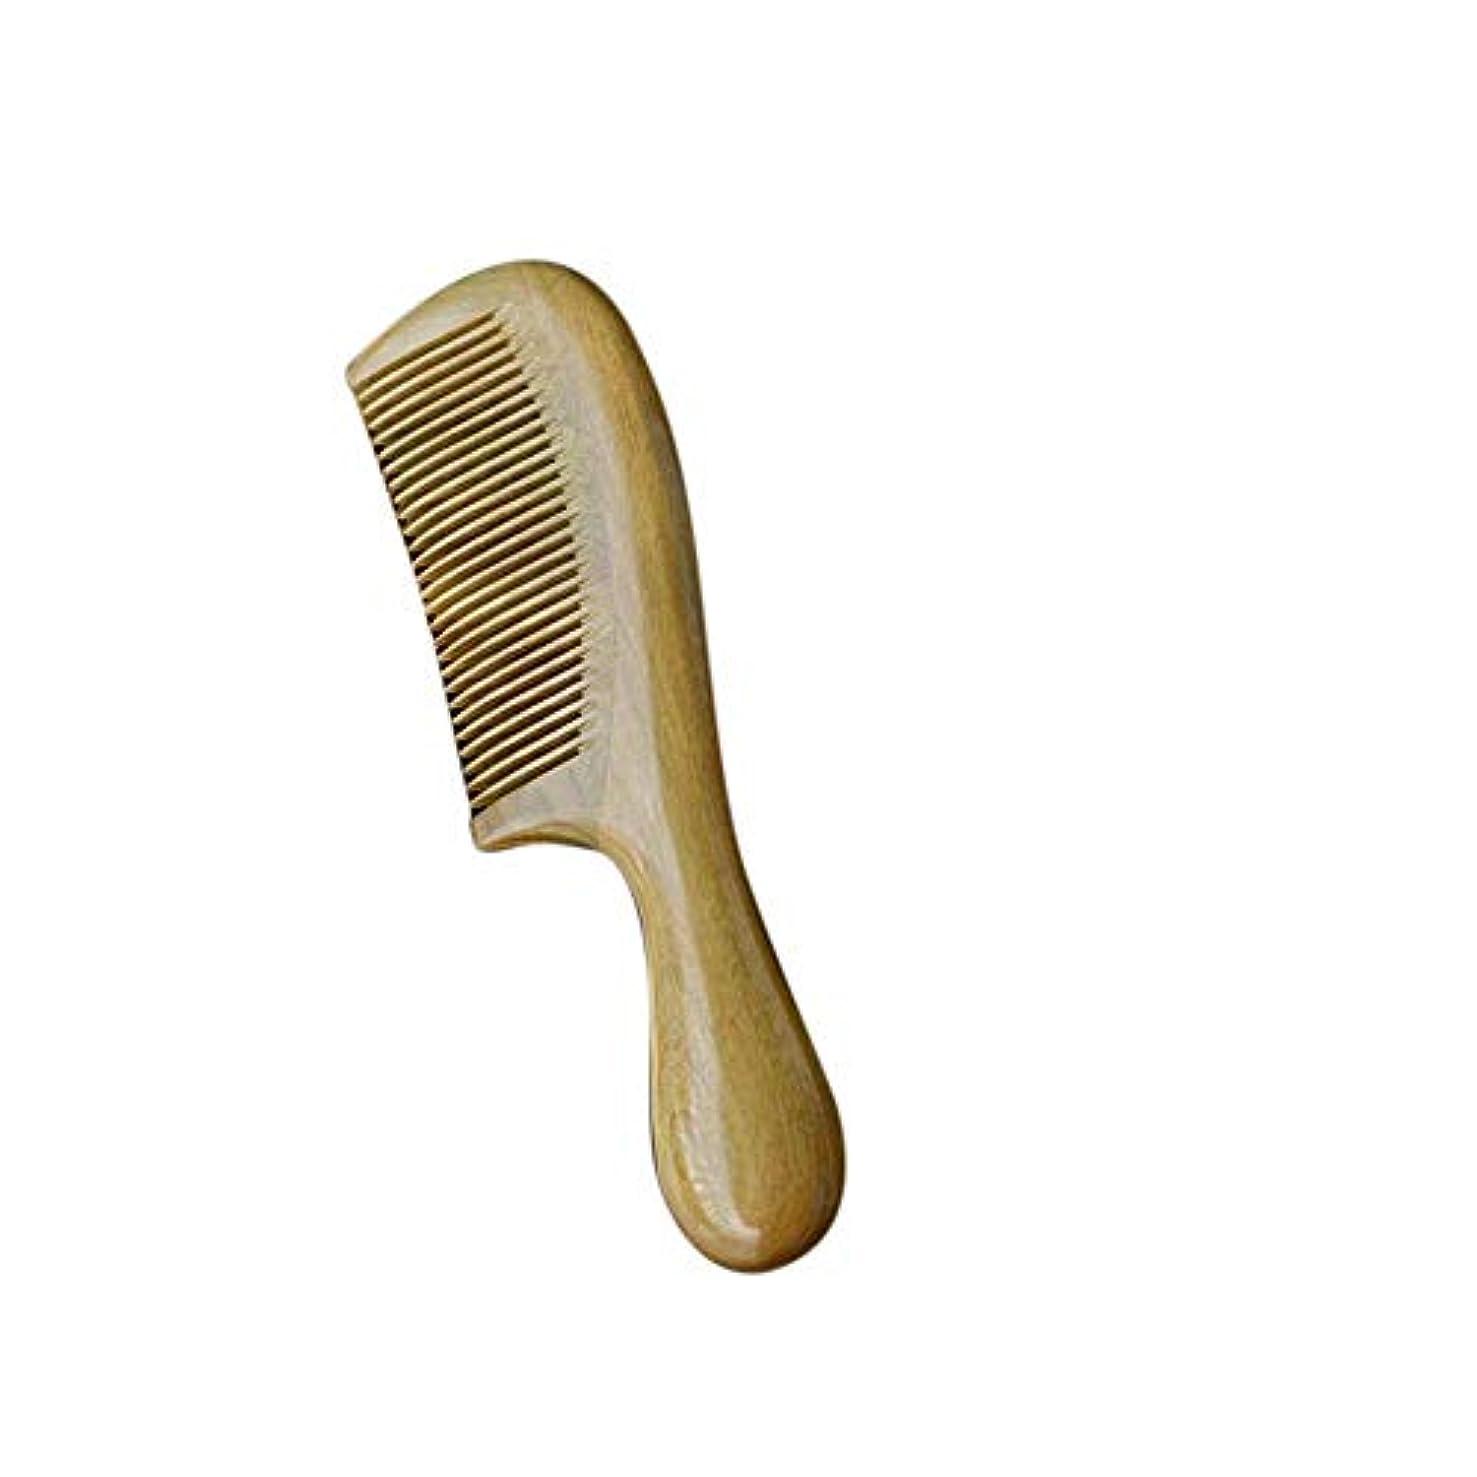 現象罪勉強するFashian無静的マッサージ髪の木製くしナチュラルグリーンサンダルウッドコームヘアカットツール ヘアケア